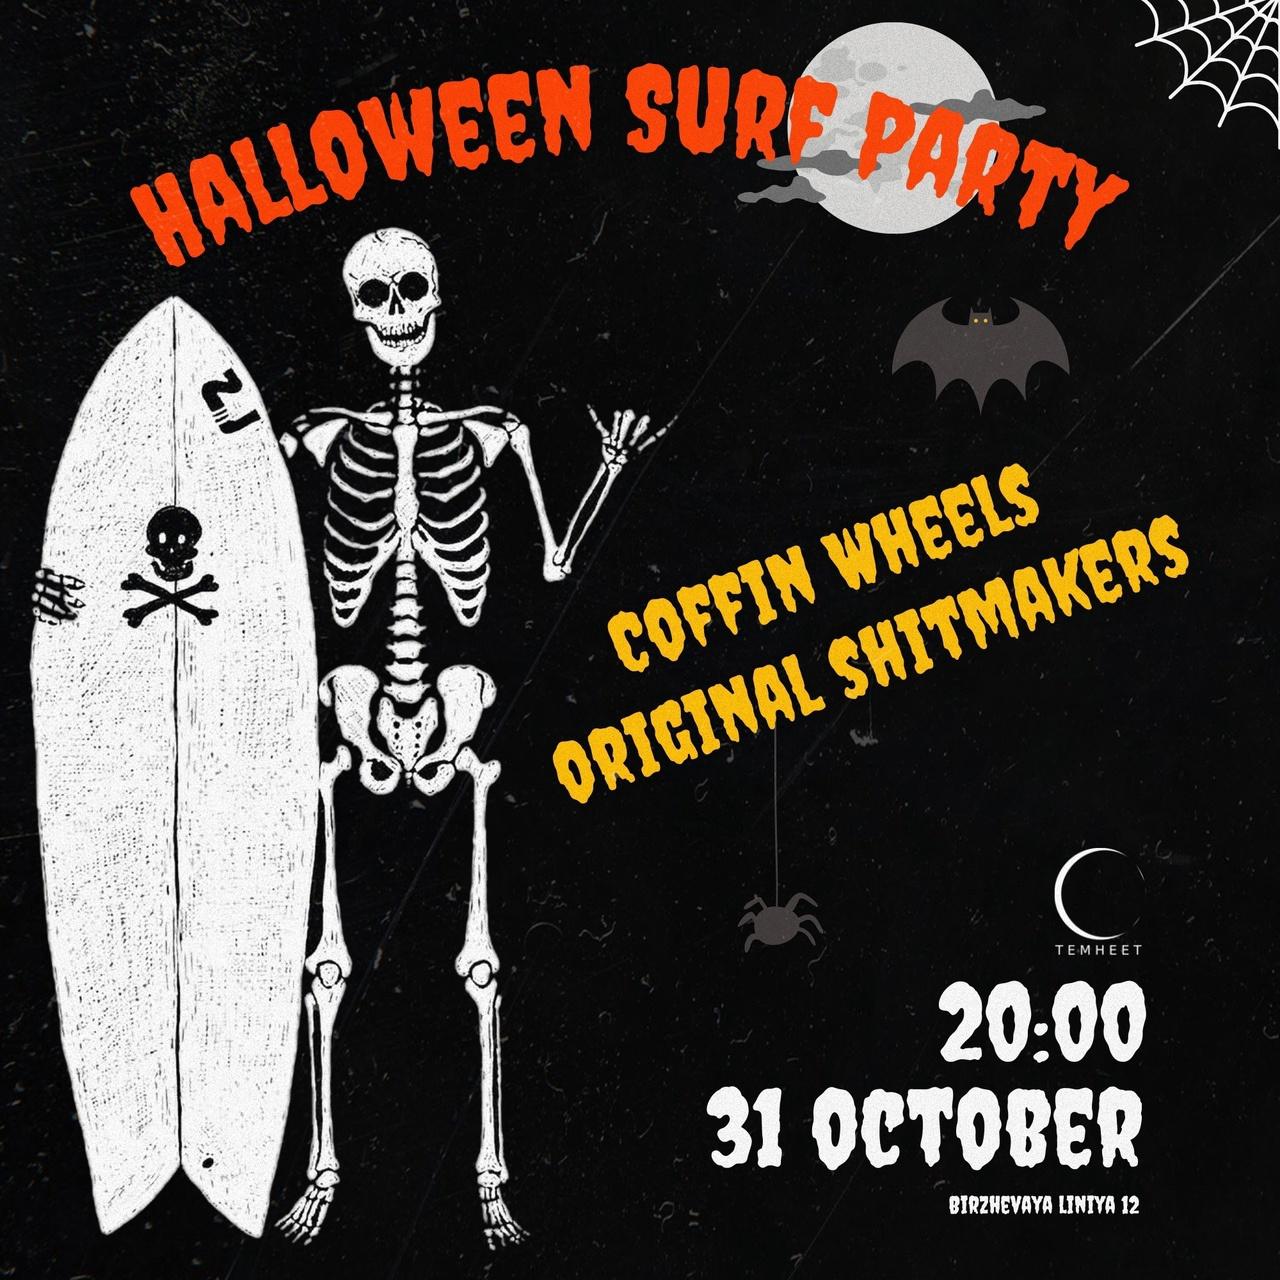 31.10 Halloween Surf Party в клубе Темнеет!